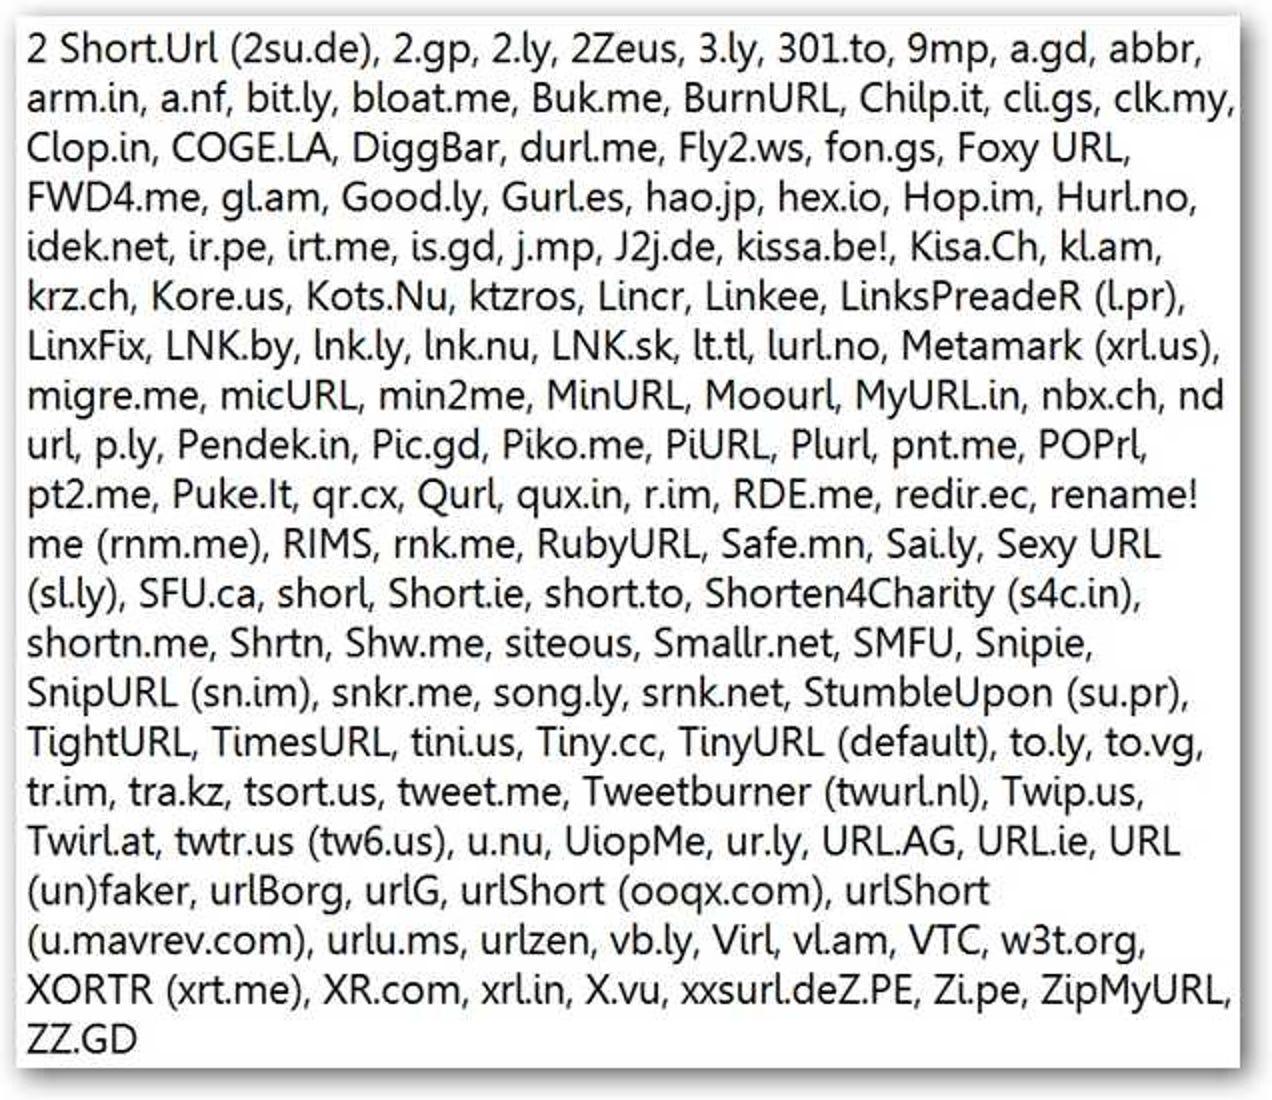 Erhalten Sie Zugriff auf mehr als 100 URL-Verkürzungsdienste in Firefox